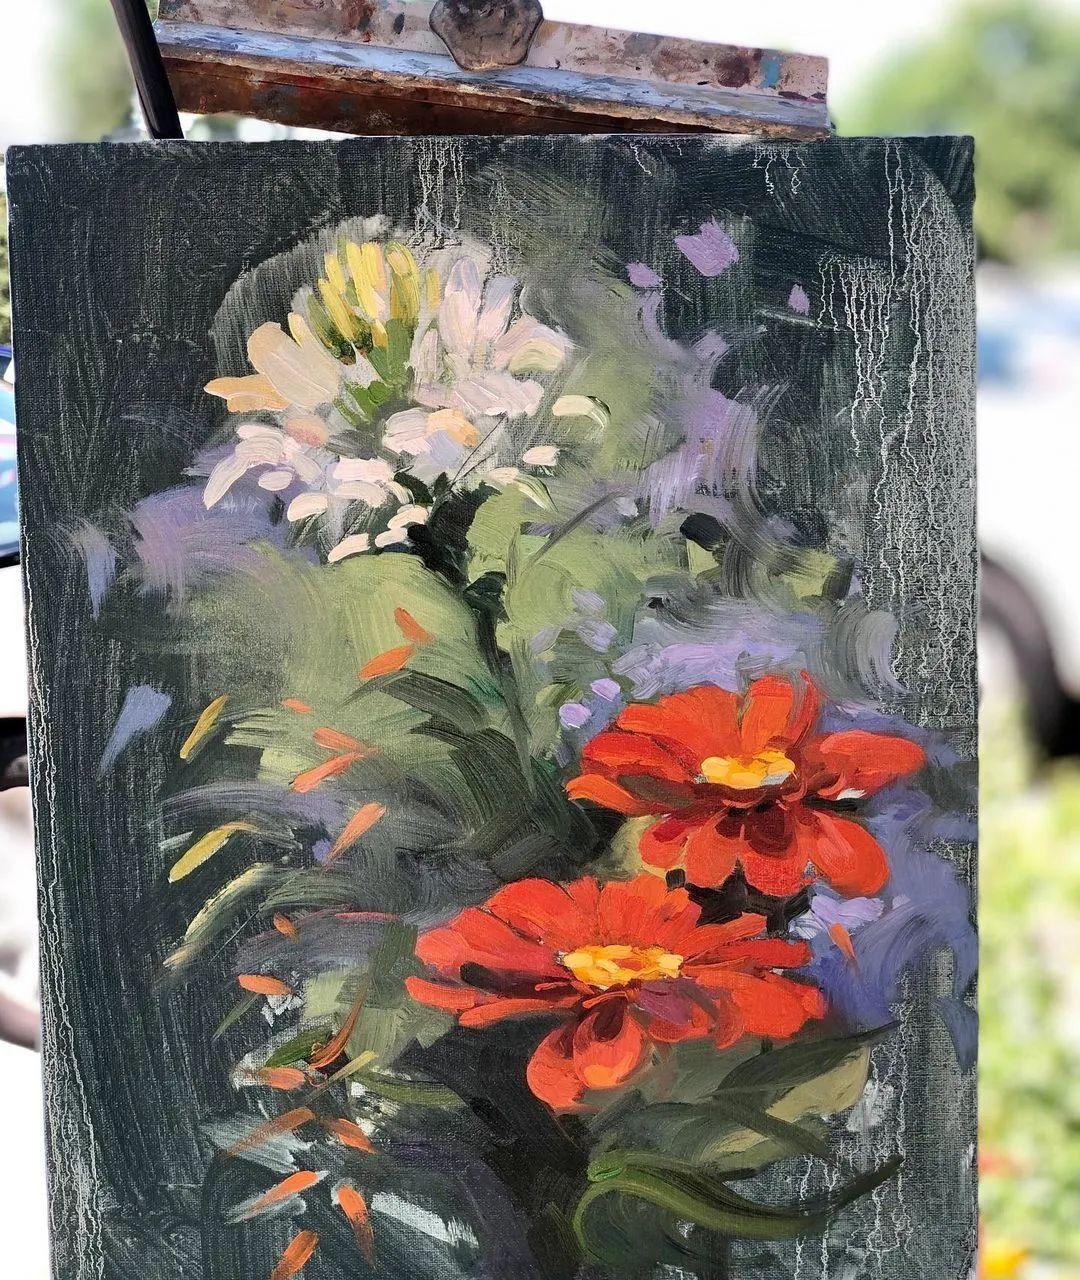 好美的风景与花卉,深入自然才能画出最美的画面!插图63